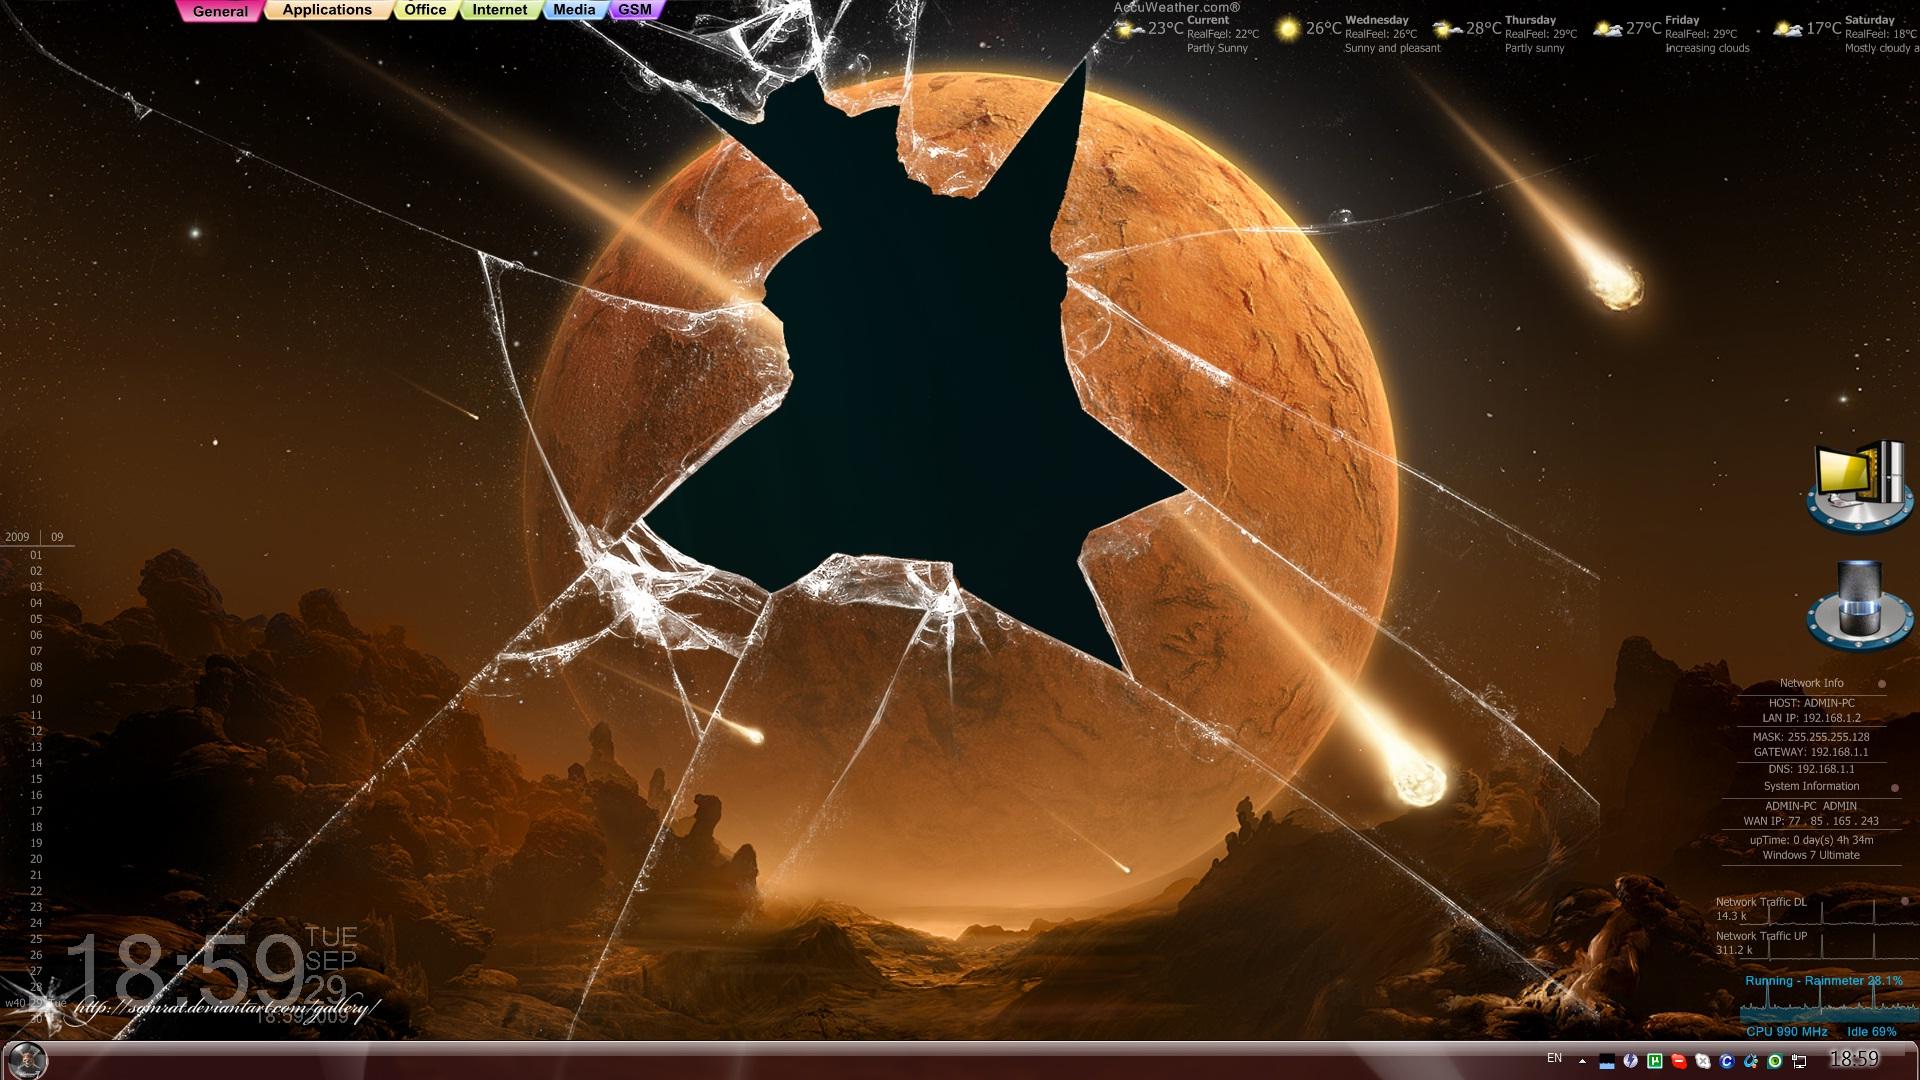 display crack wallpaper,sky,space,font,batman,fictional character